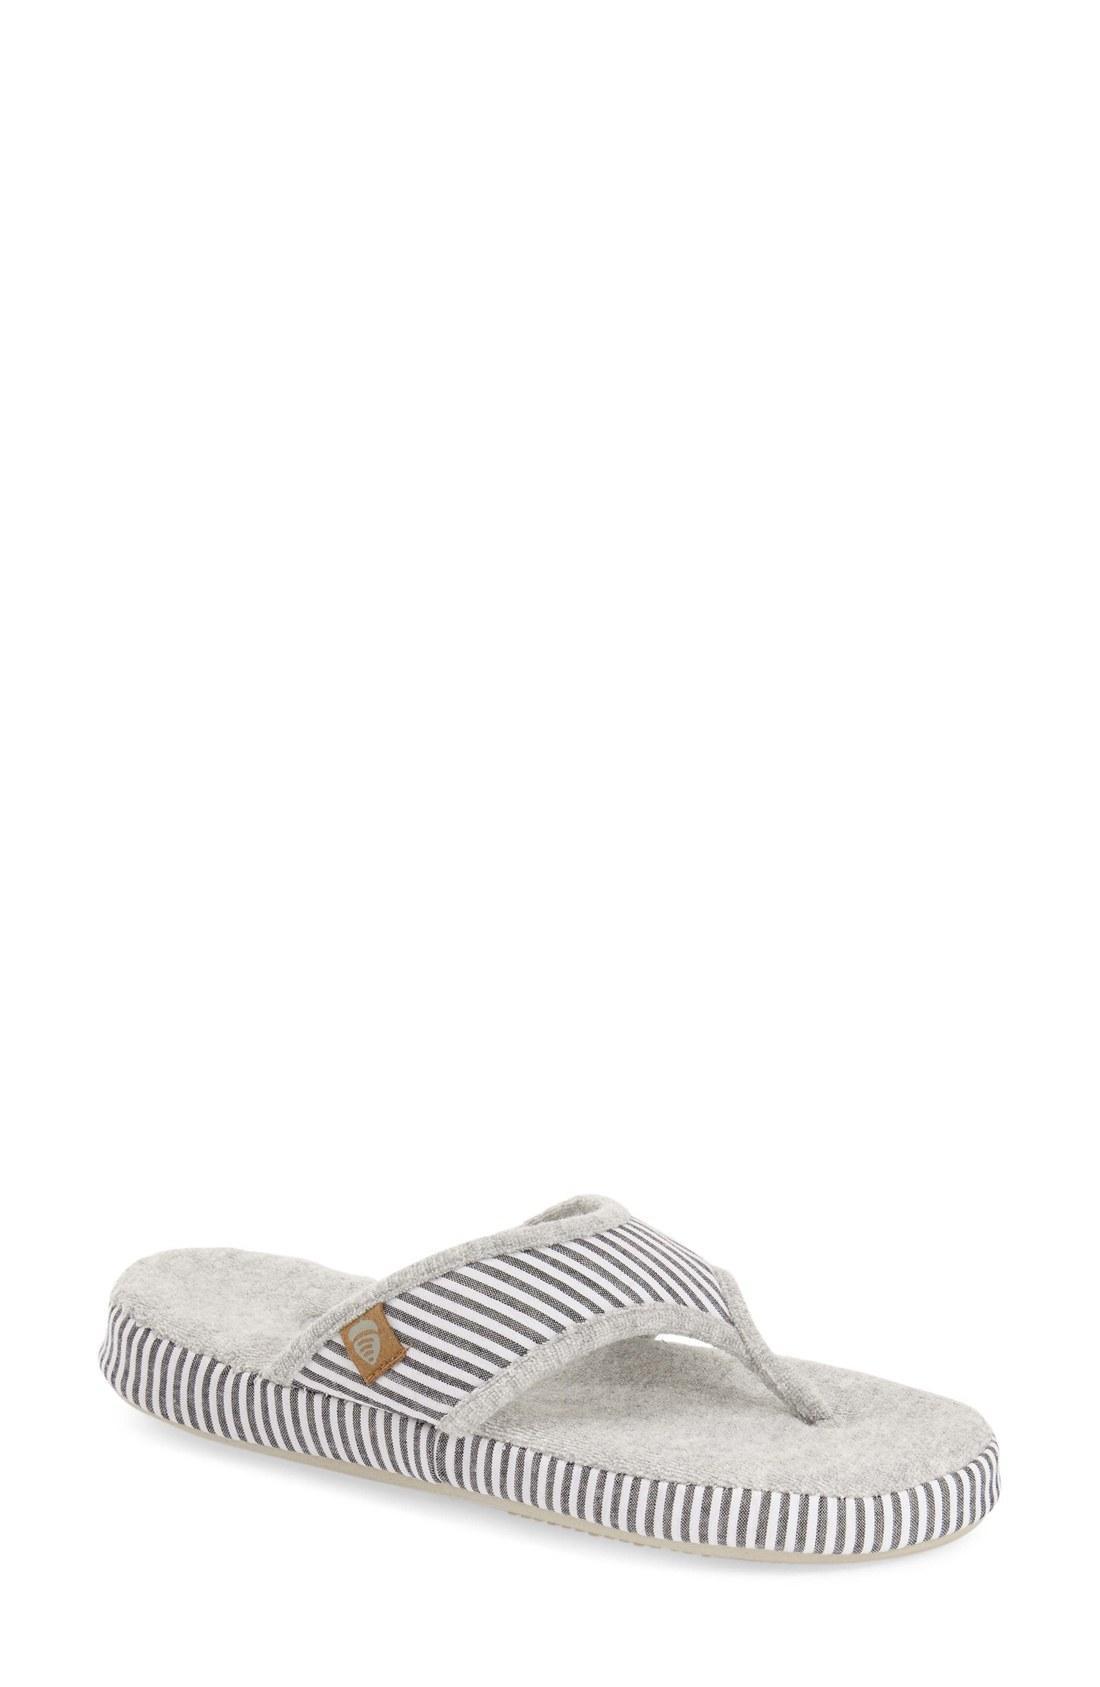 845eba9a5ad Acorn Summerweight Slipper In Grey Strip Fabric